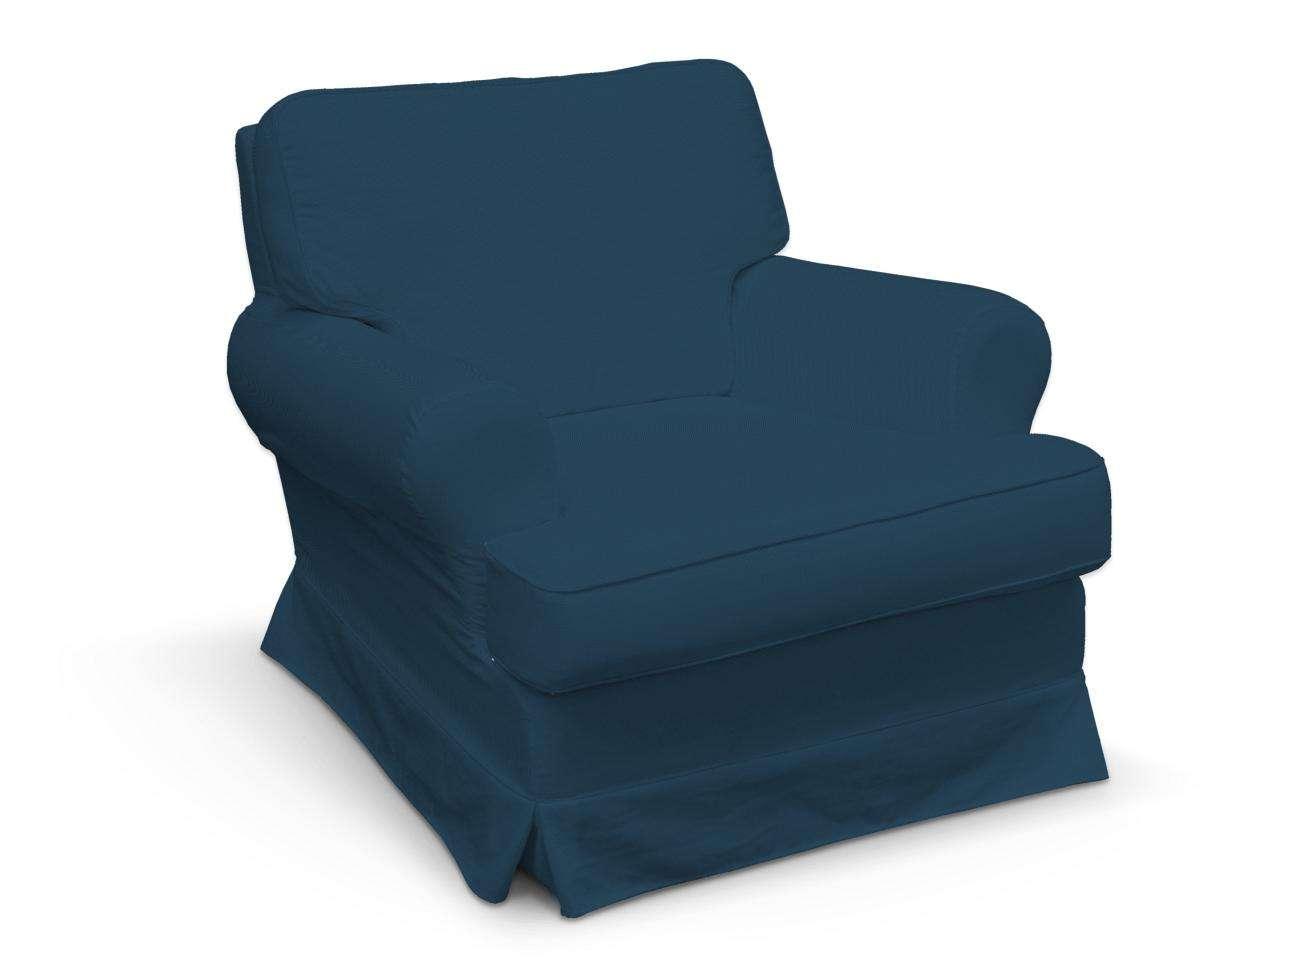 Barkaby fotelio užvalkalas Barkaby fotelio užvalkalas kolekcijoje Cotton Panama, audinys: 702-30